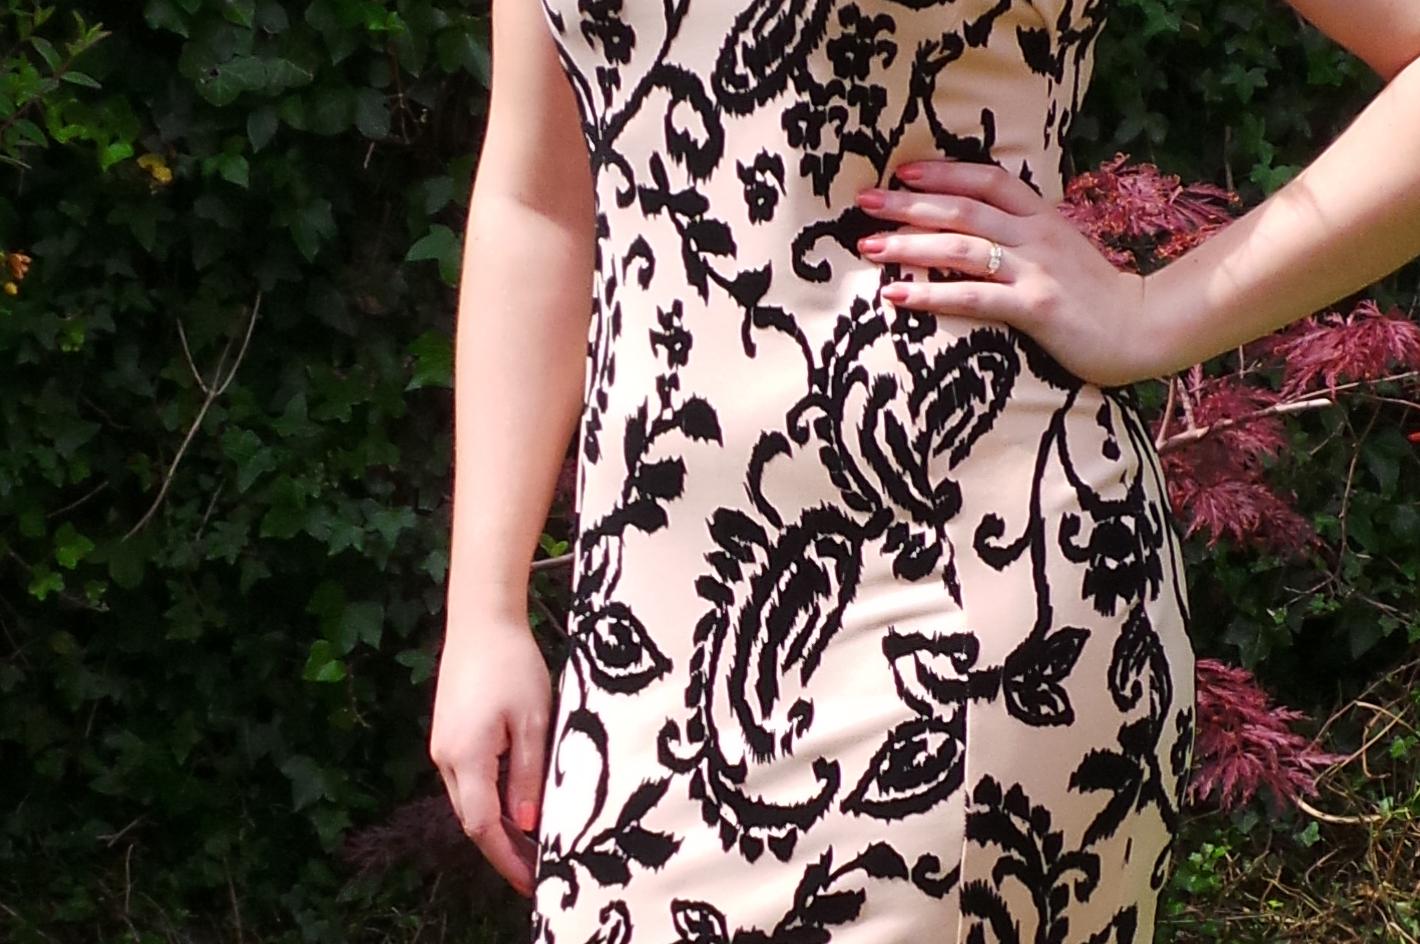 uk fashion blog, uk fashion blogger, fbloggersuk, fbloggers, fashion blog, fashion blogger, style blog, bodycon dress,